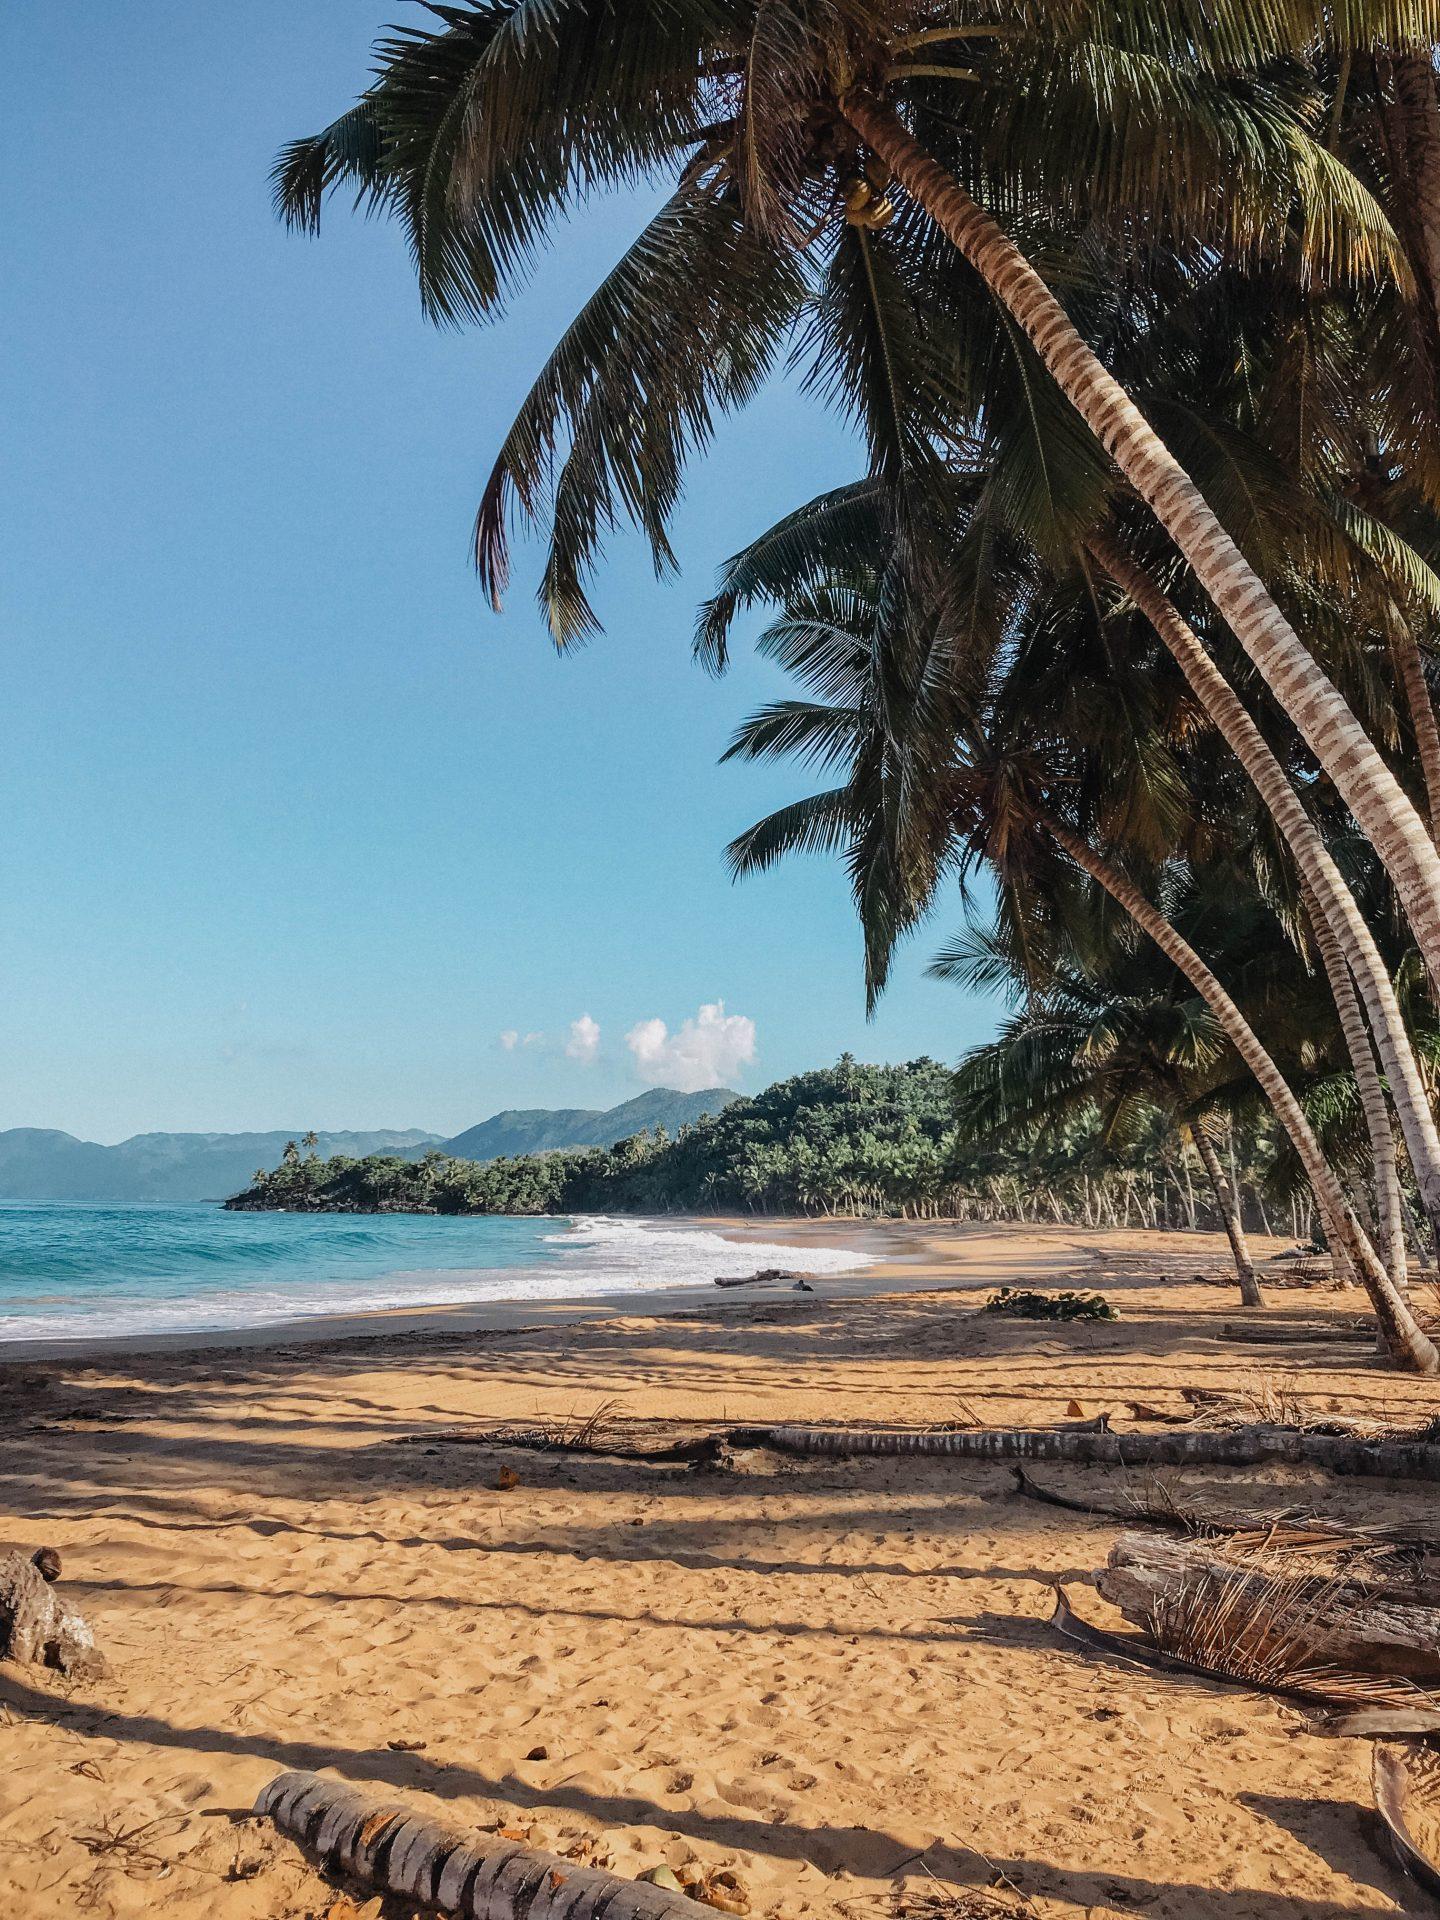 Plage sauvage république dominicaine marie and mood blog lifestyle